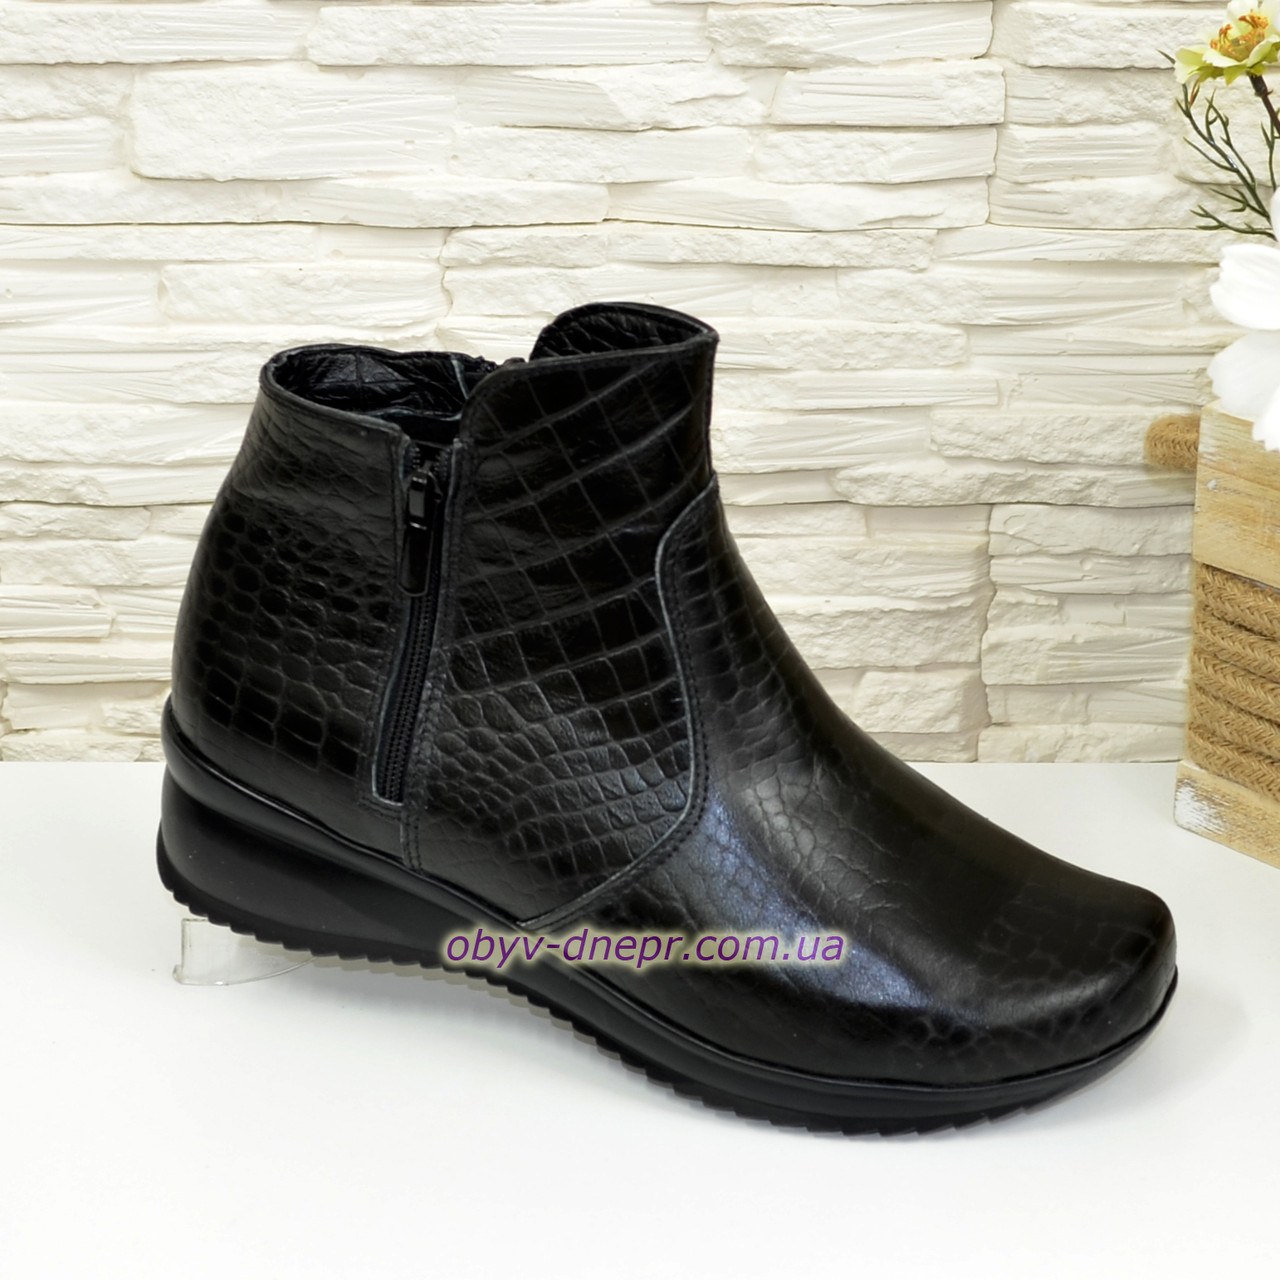 """Женские   ботинки на утолщенной подошве, натуральная кожа """"питон"""""""